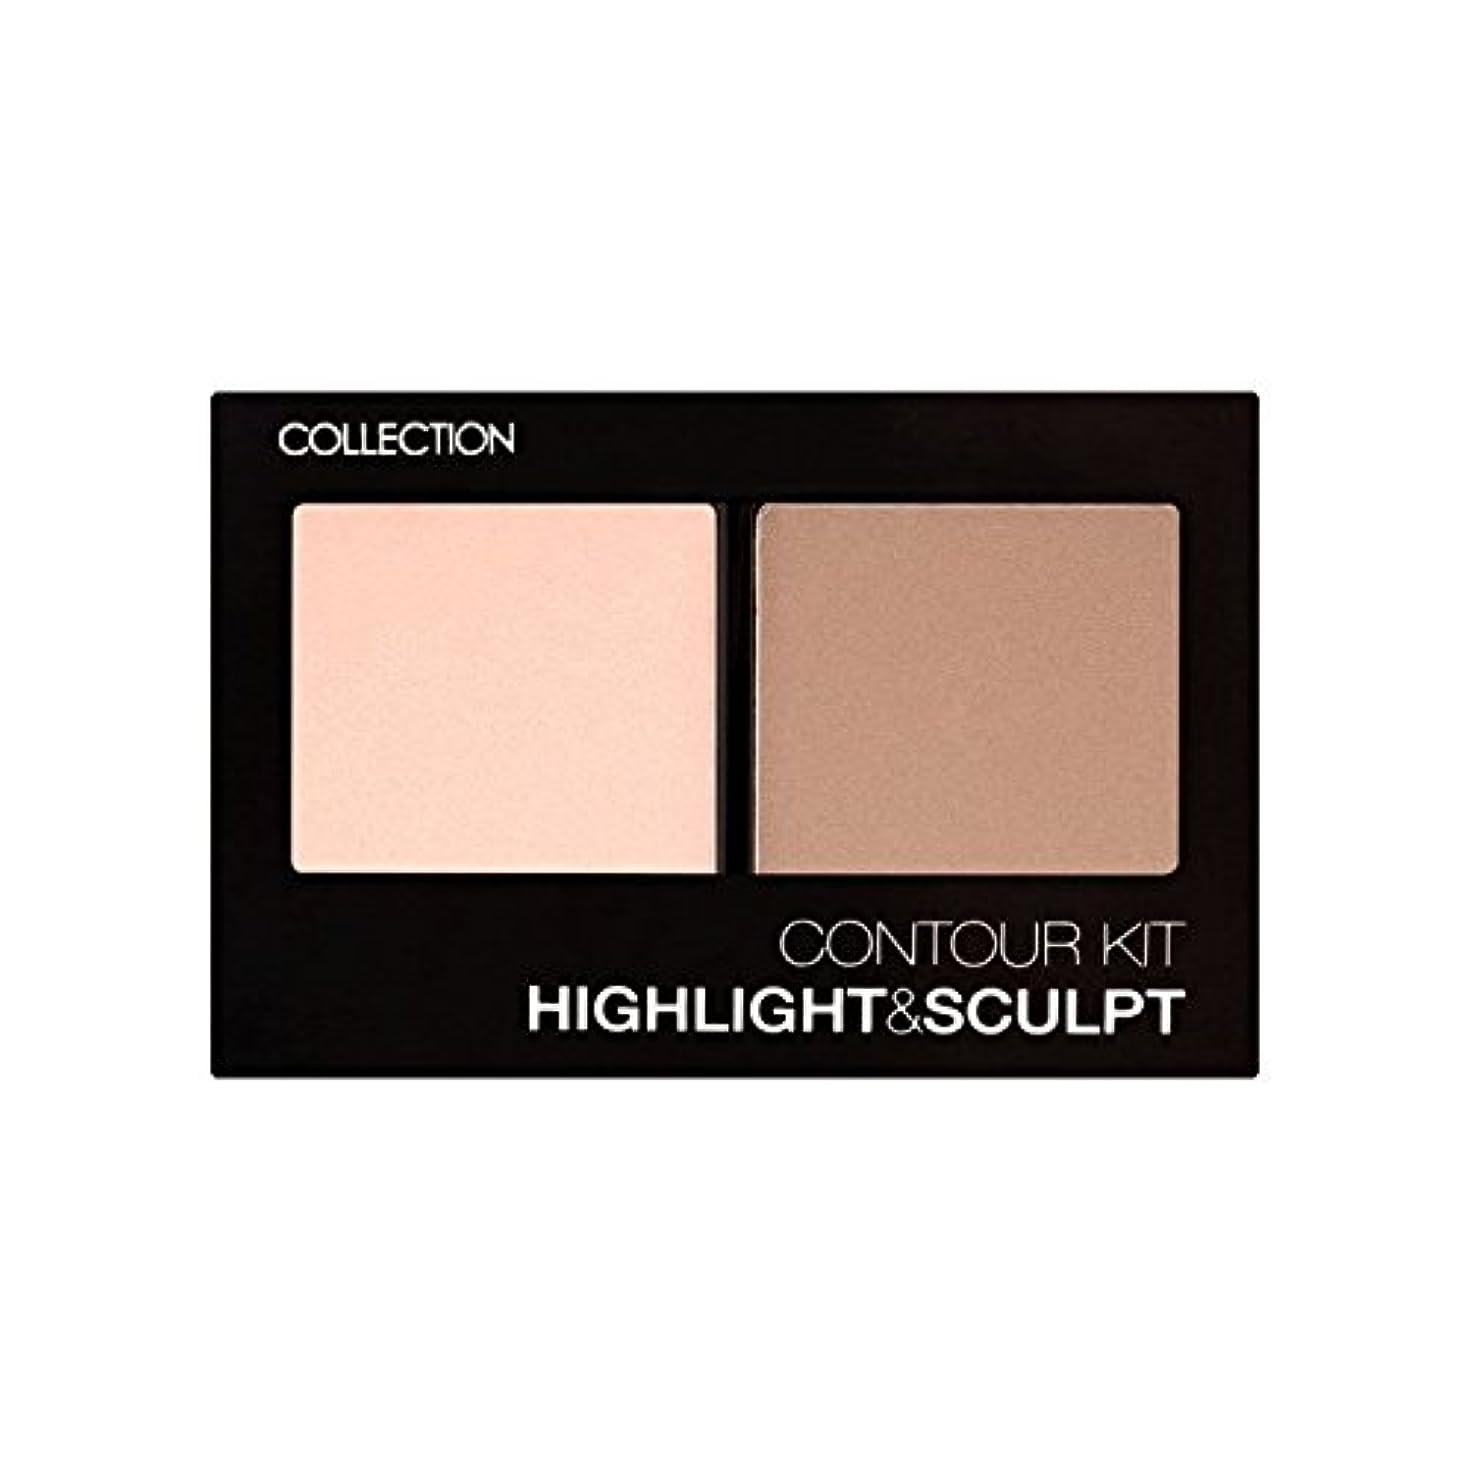 眉棚ブラケットCollection Contour Kit Contour Kit 1 (Pack of 6) - コレクション、輪郭キット輪郭キット1 x6 [並行輸入品]